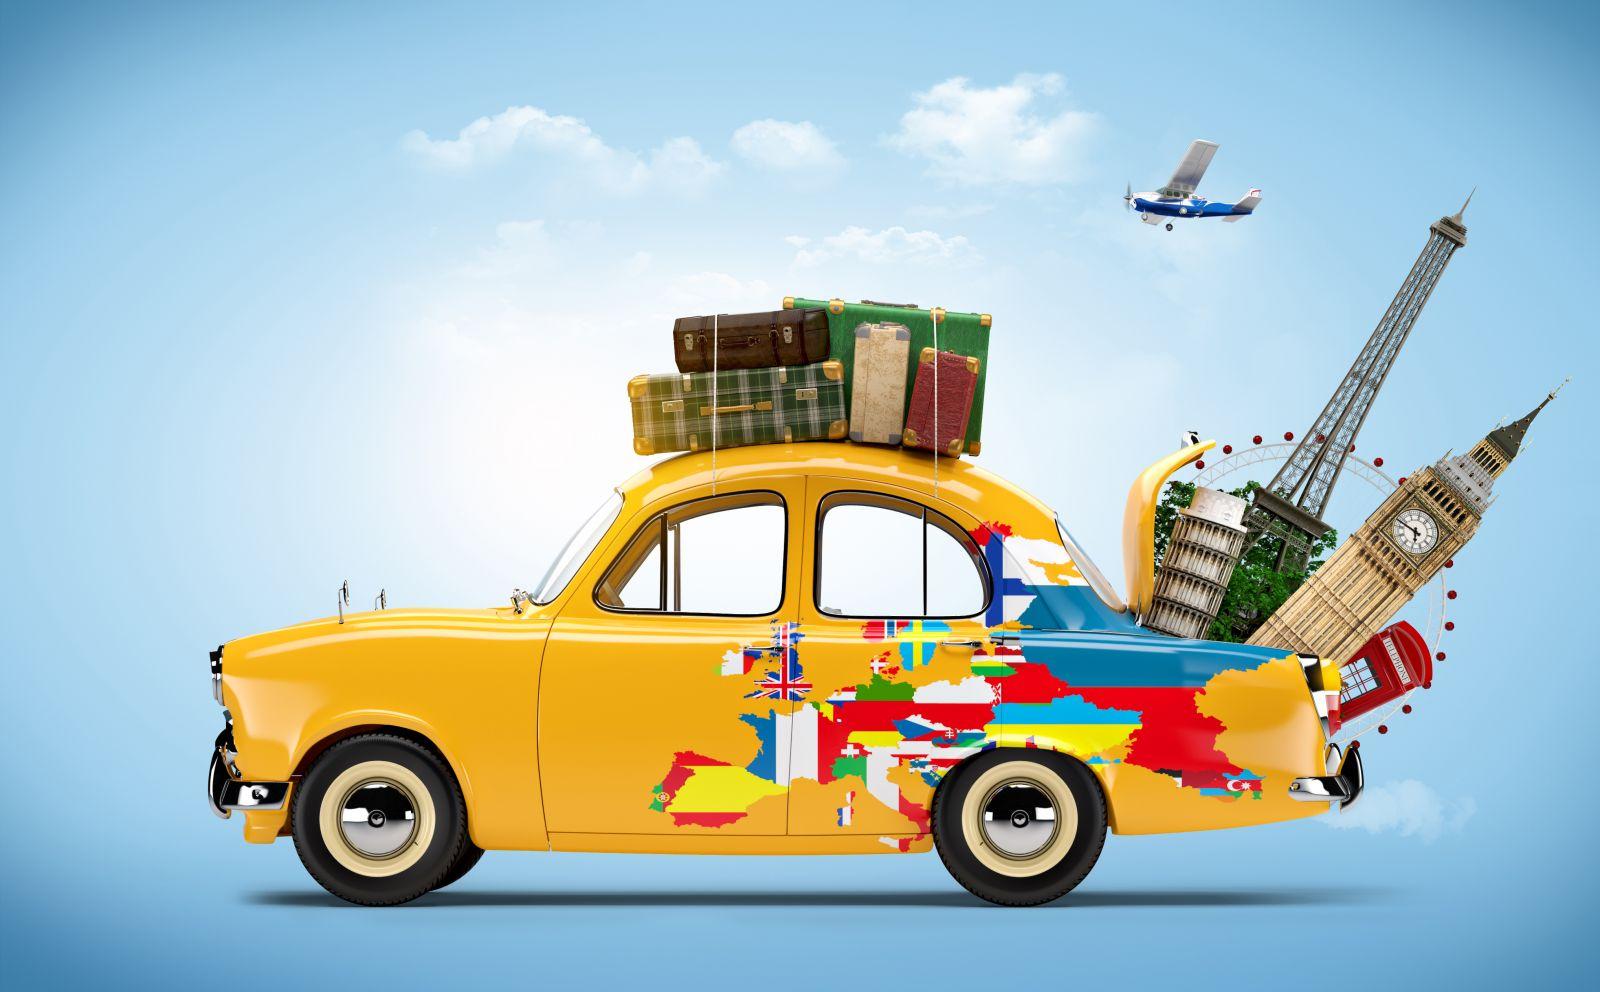 صد توصیه مهم برای مسافران-درست مصرف کنیم-آگاهی مصرف - آموزش همگانی